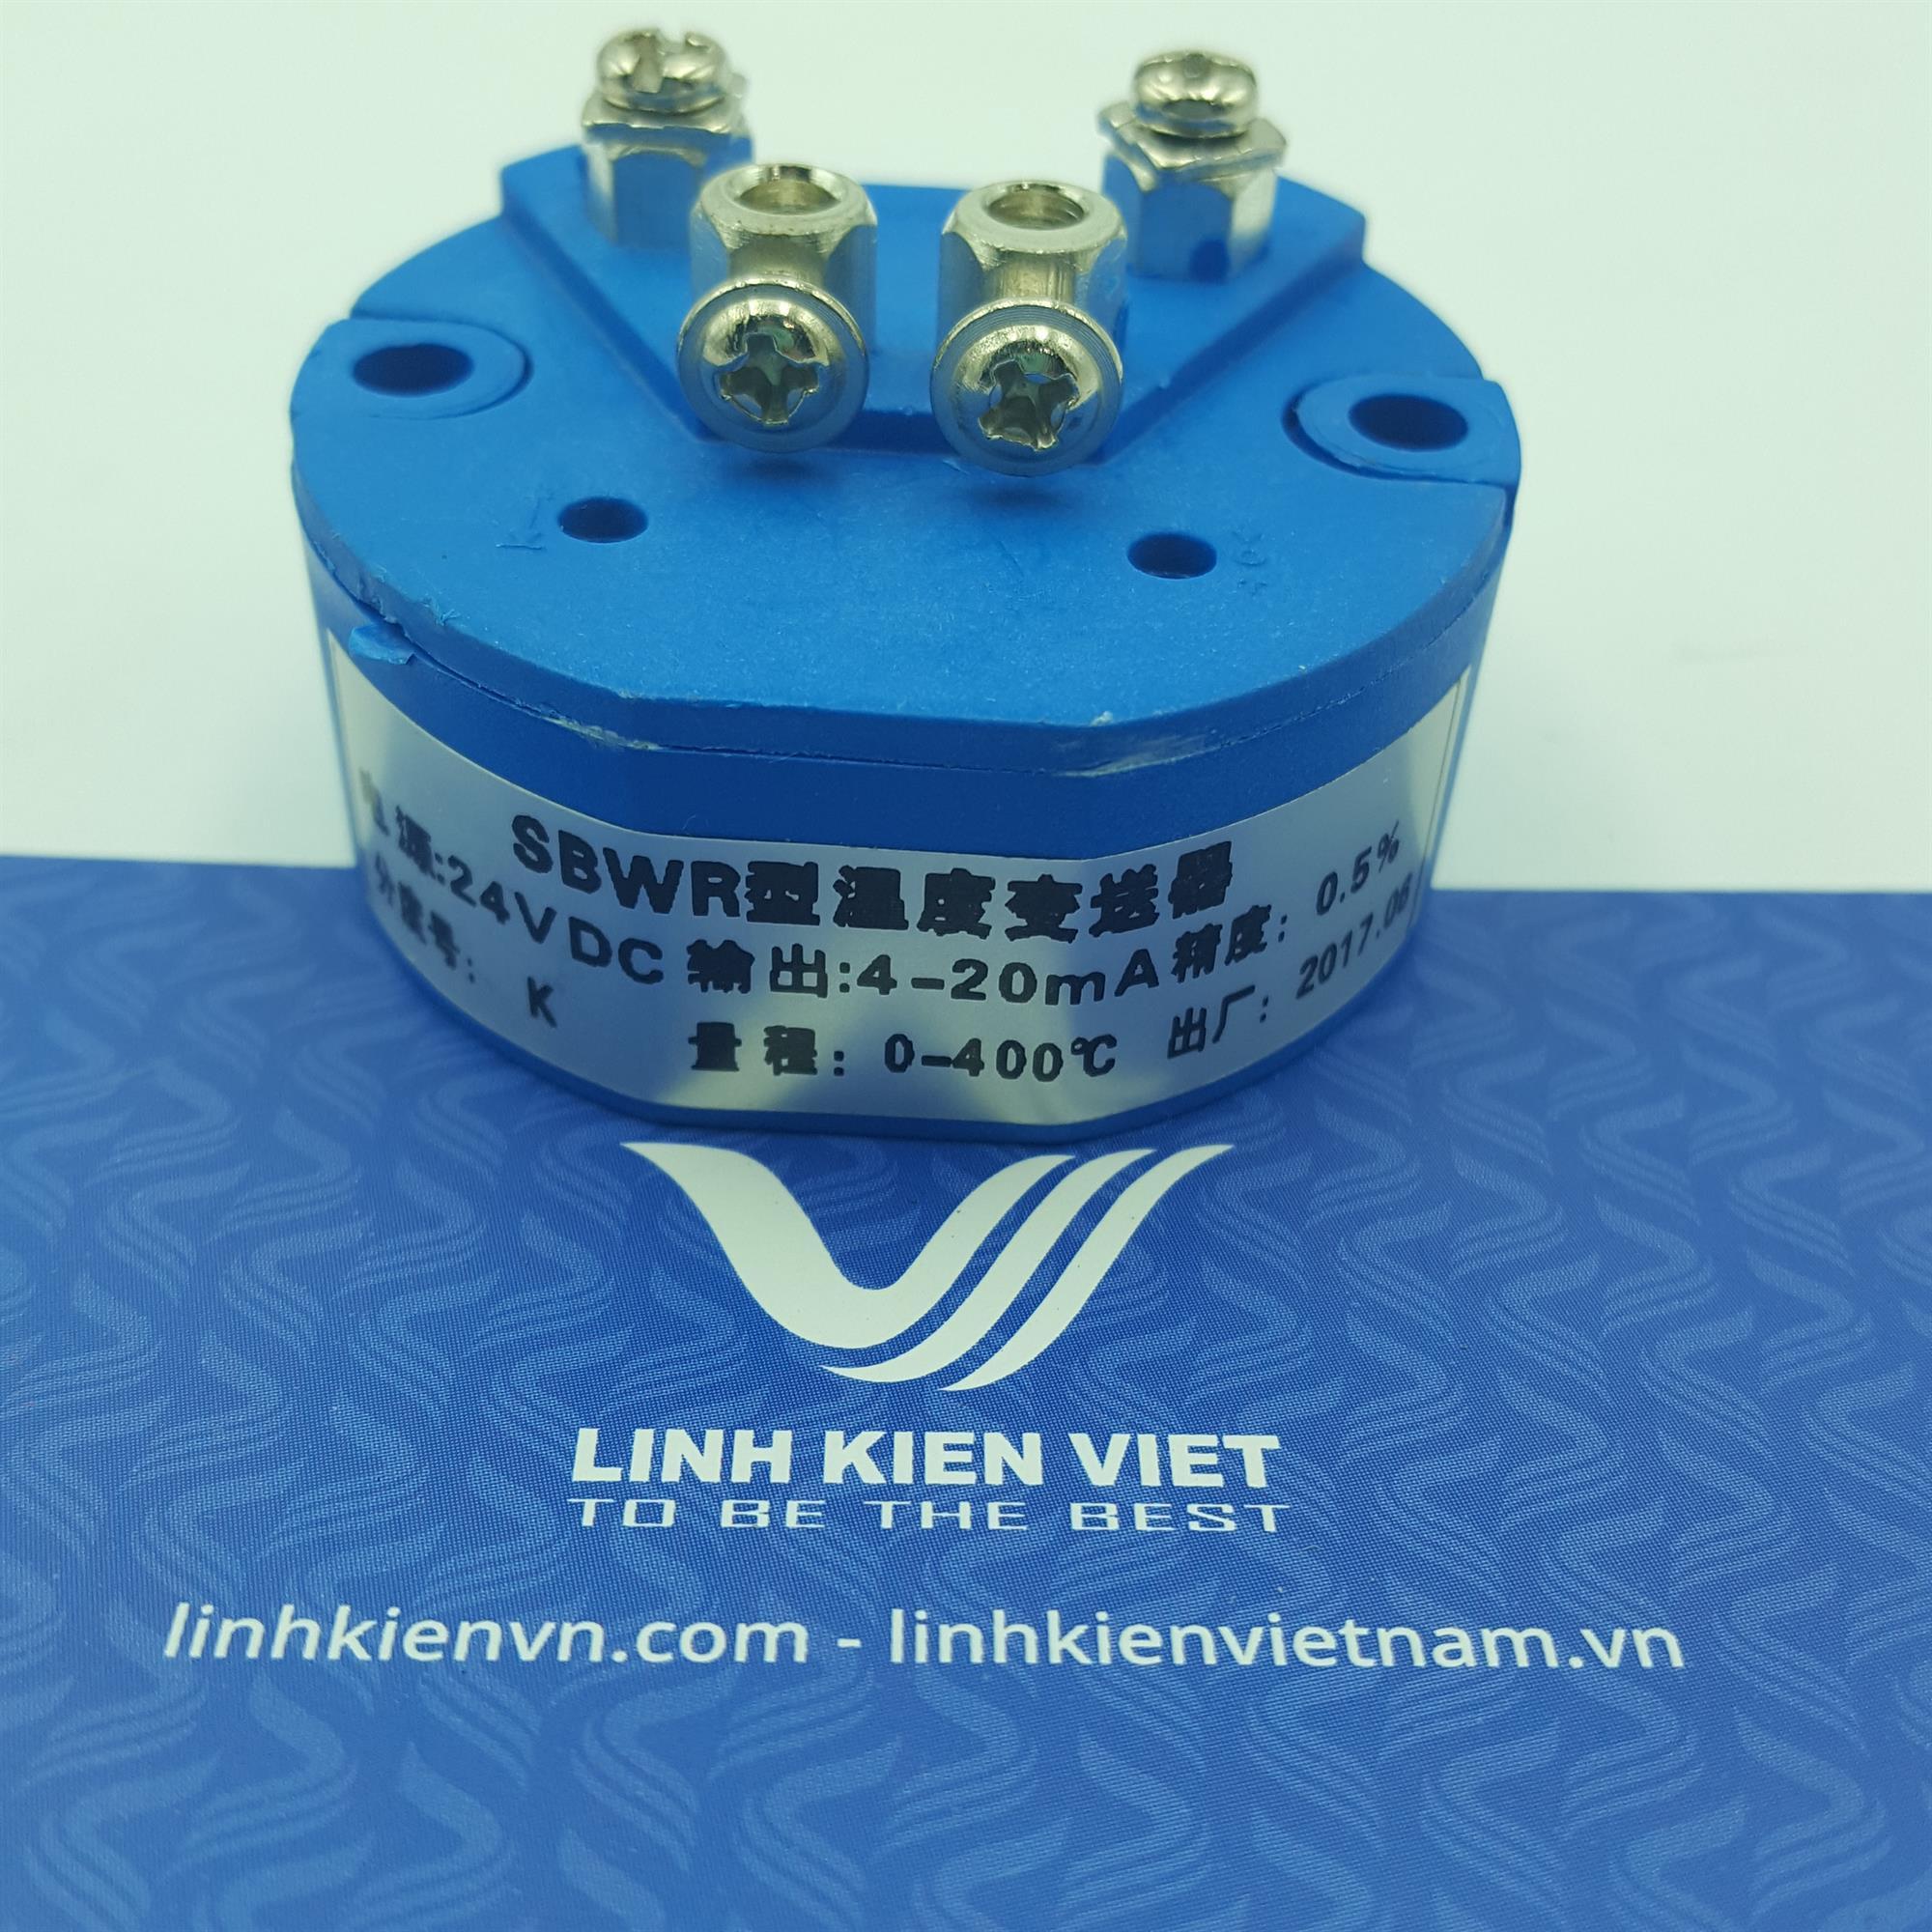 Bộ chuyển đổi nhiệt độ K 4-20mA / 0-400 độ- A9H21